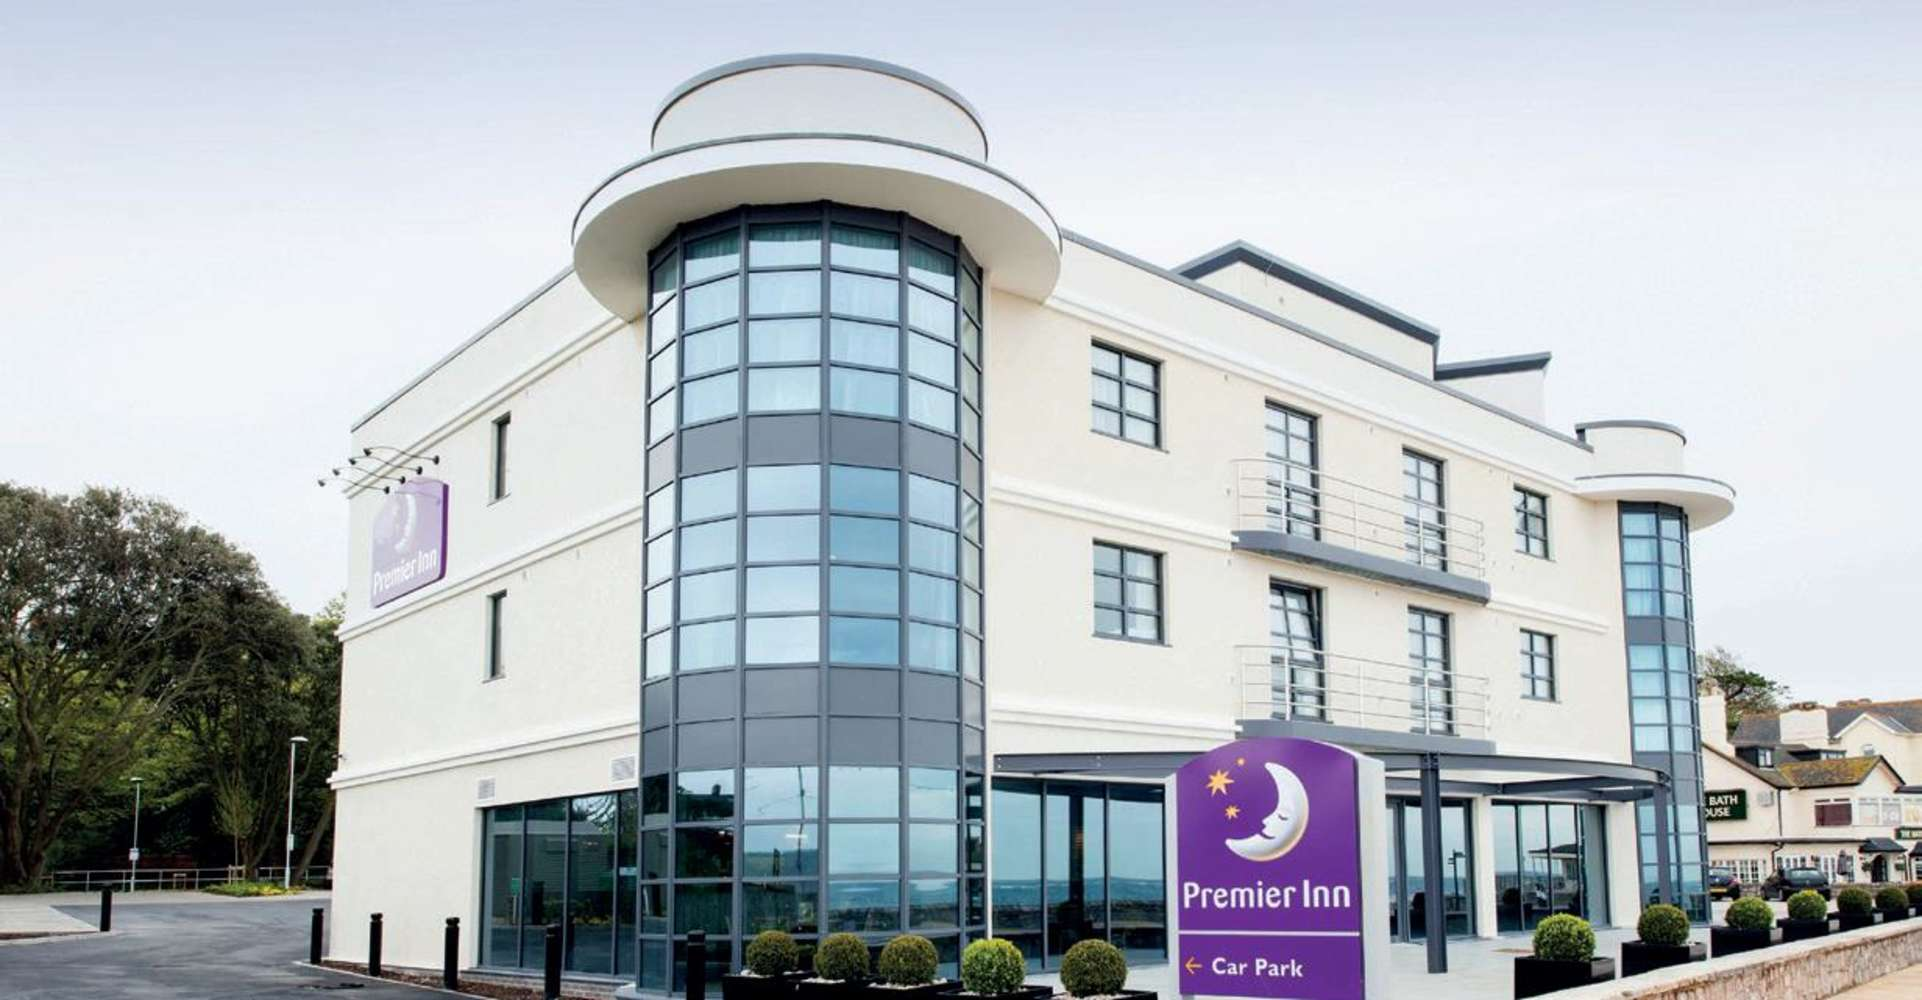 Land Exeter, EX1 1UG - Premier Inn Prospects - 2